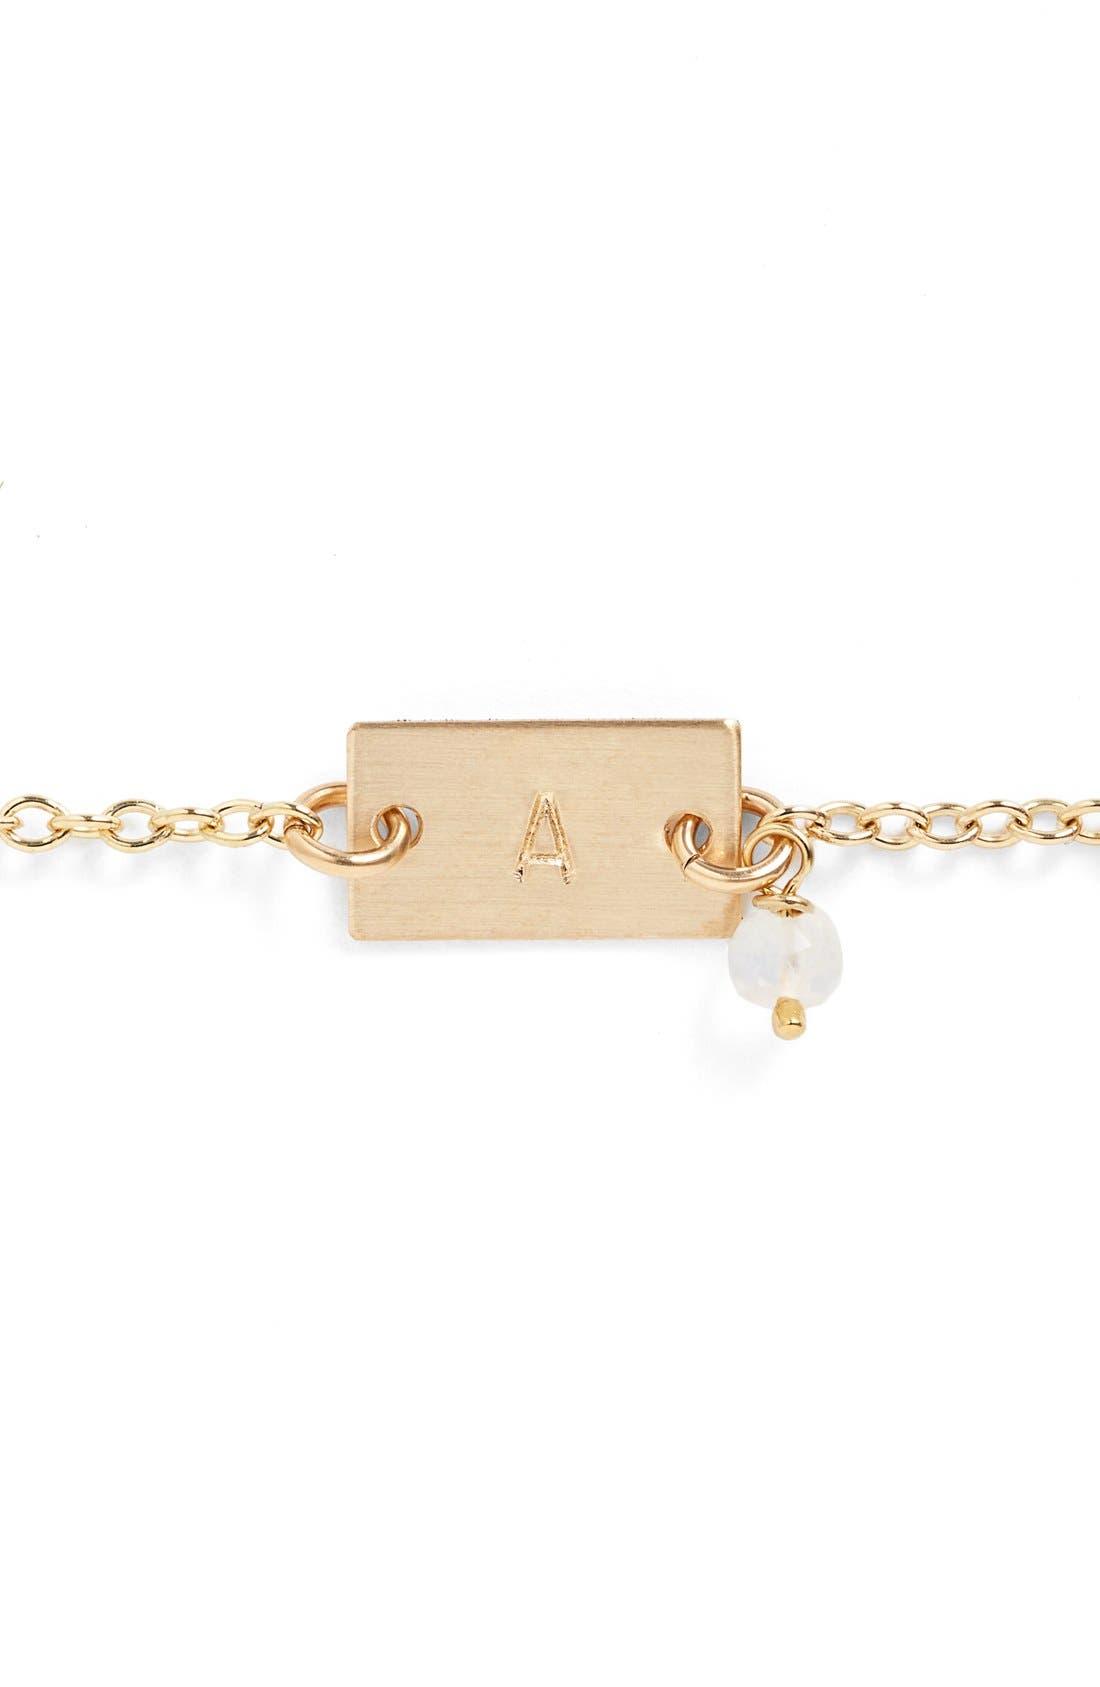 Shaka Initial 14k-Gold Fill Bar Bracelet,                             Alternate thumbnail 2, color,                             710